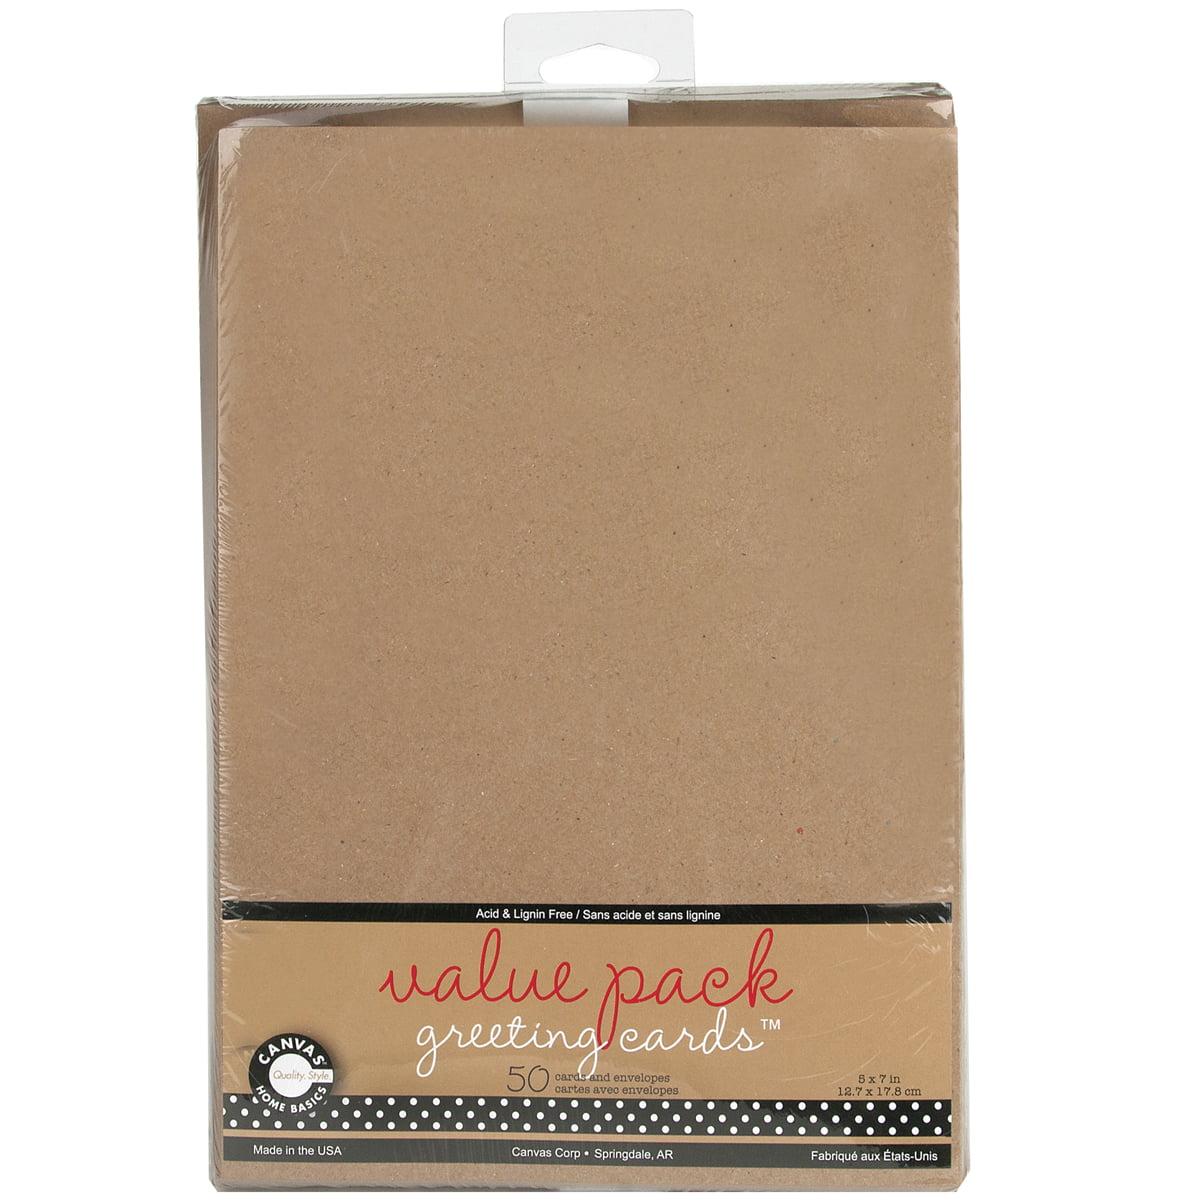 Value Pack Cards And Envelopes 5 X 7 50pkg Walmart